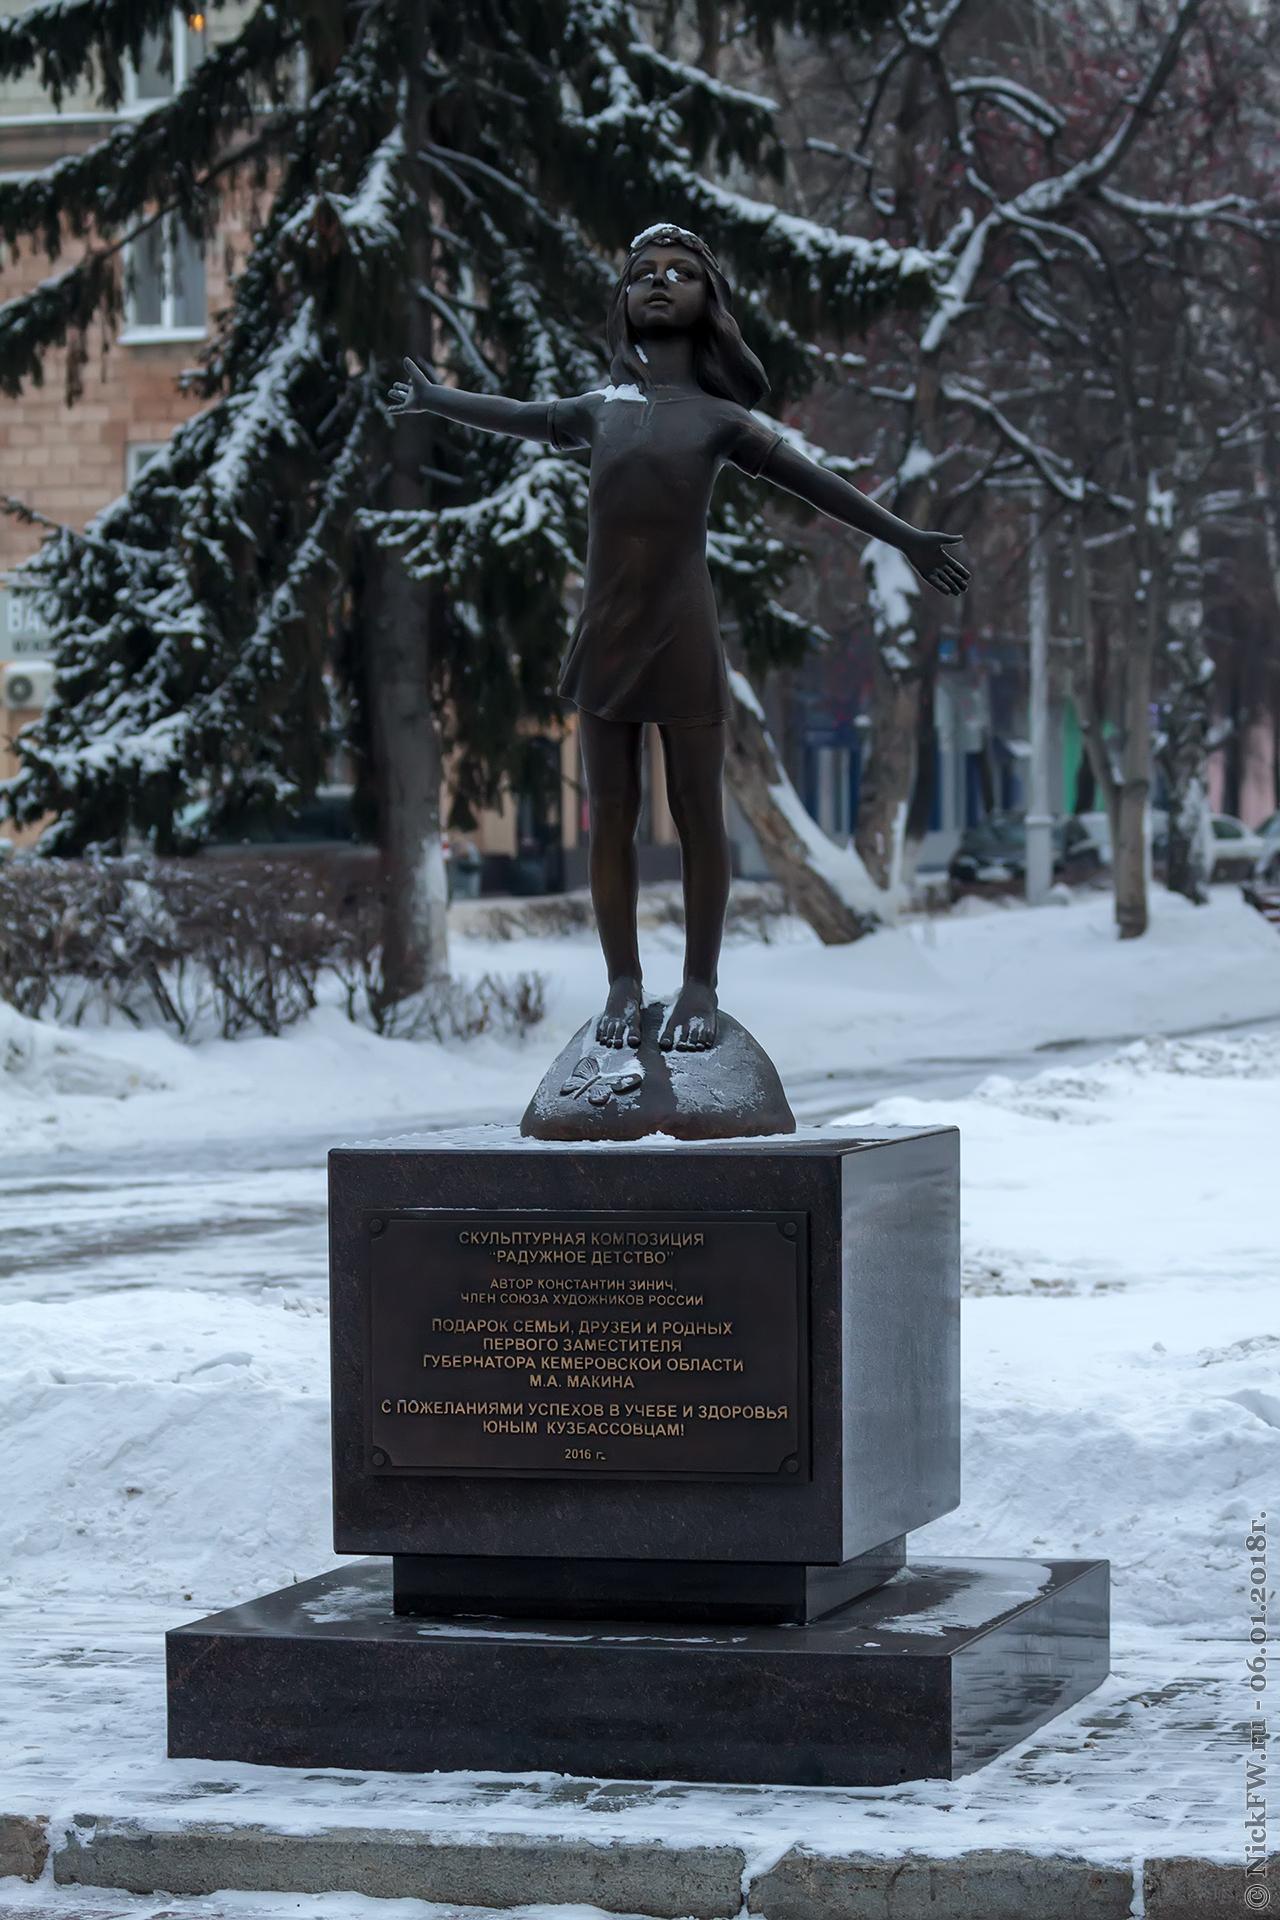 """2. """"Радужное детство"""" в снегу © NickFW.ru - 06.01.2018г."""